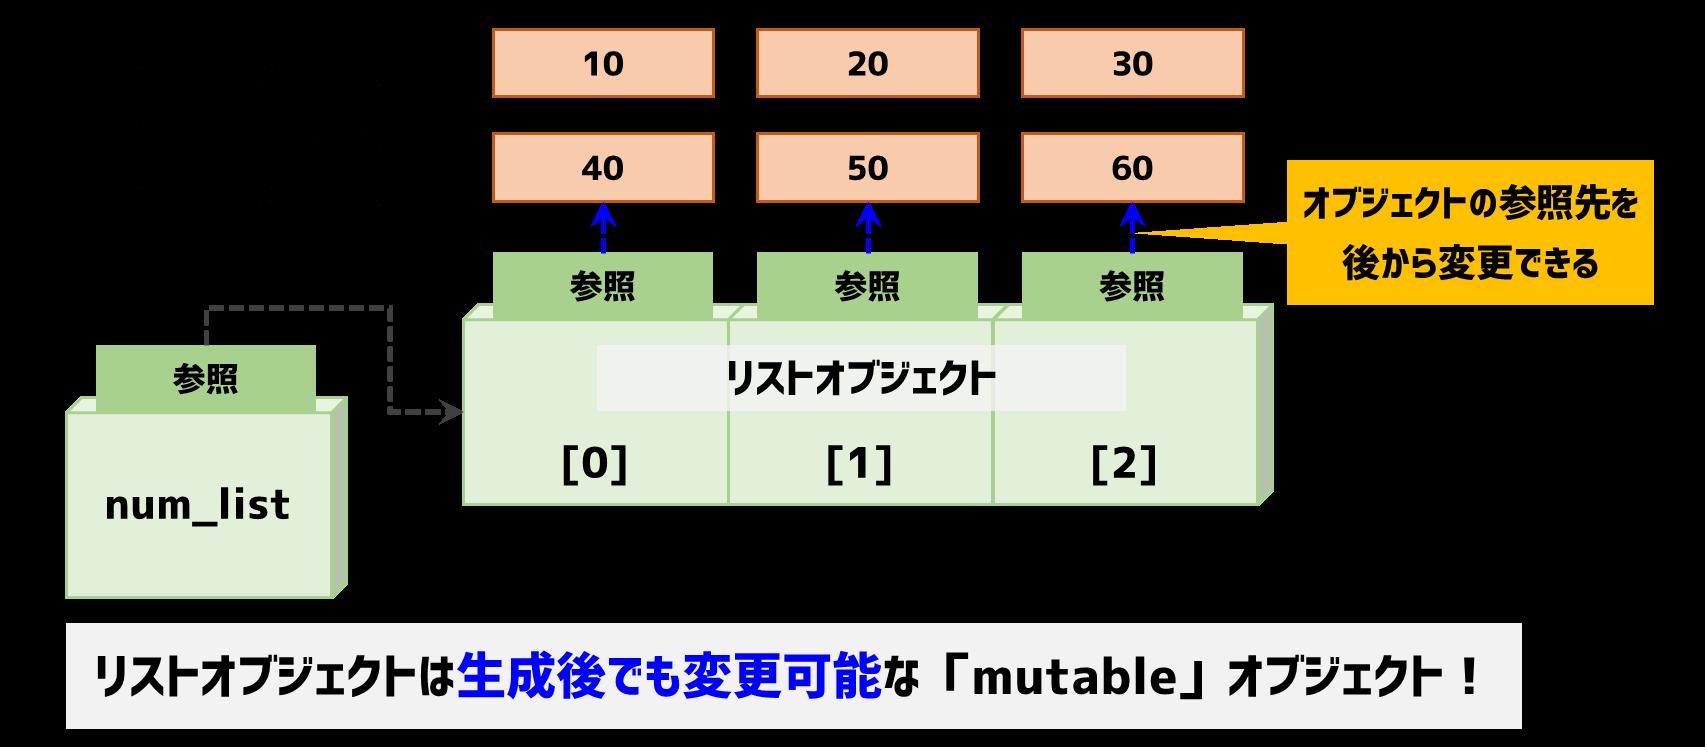 リストオブジェクトはmutable